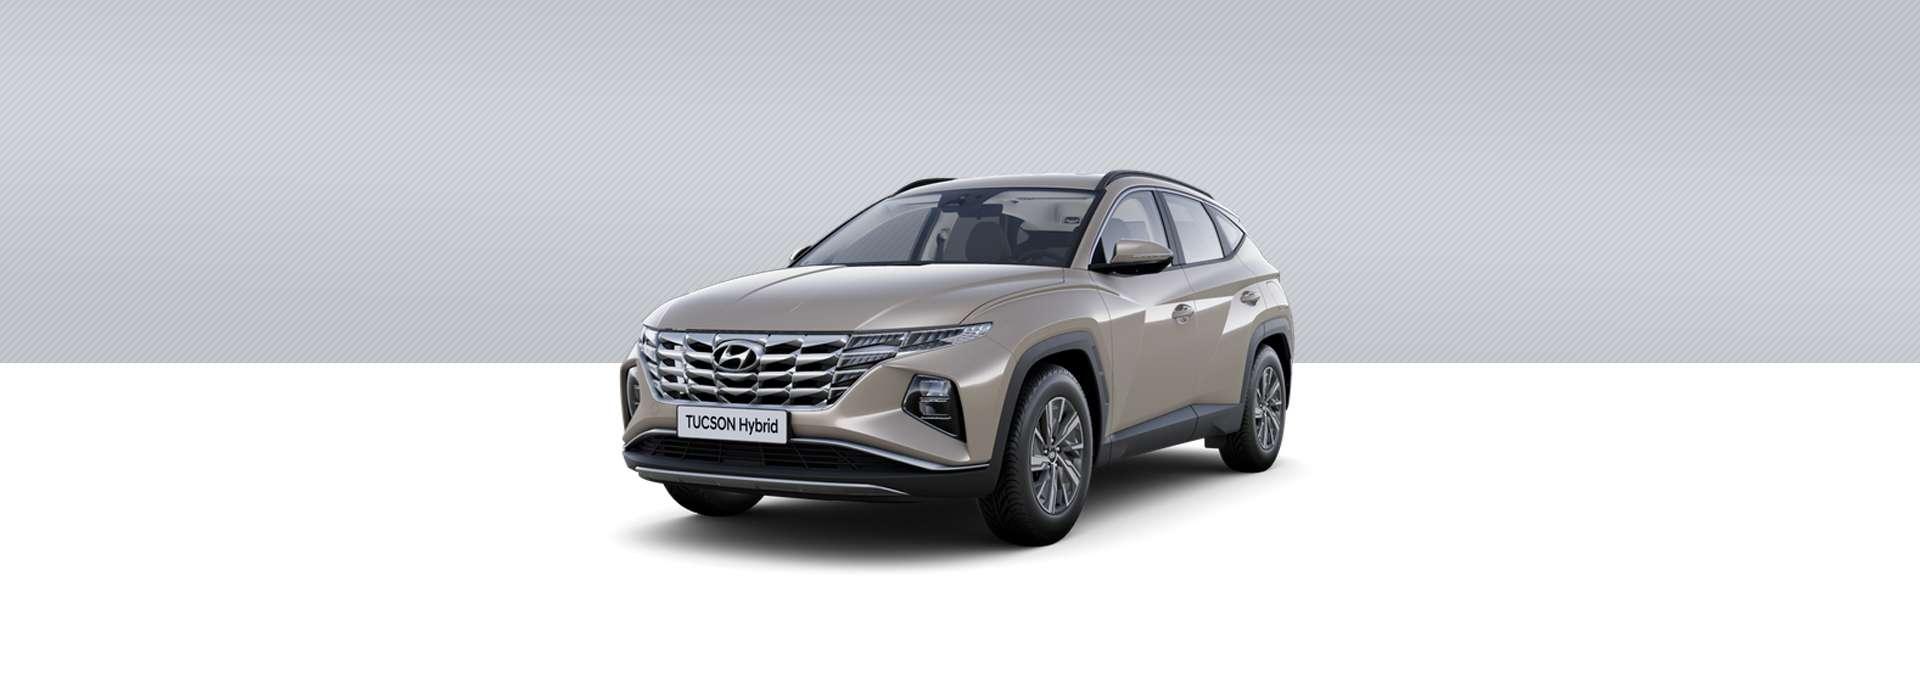 Hyundai Nuevo Tucson Híbrido Eléctrico